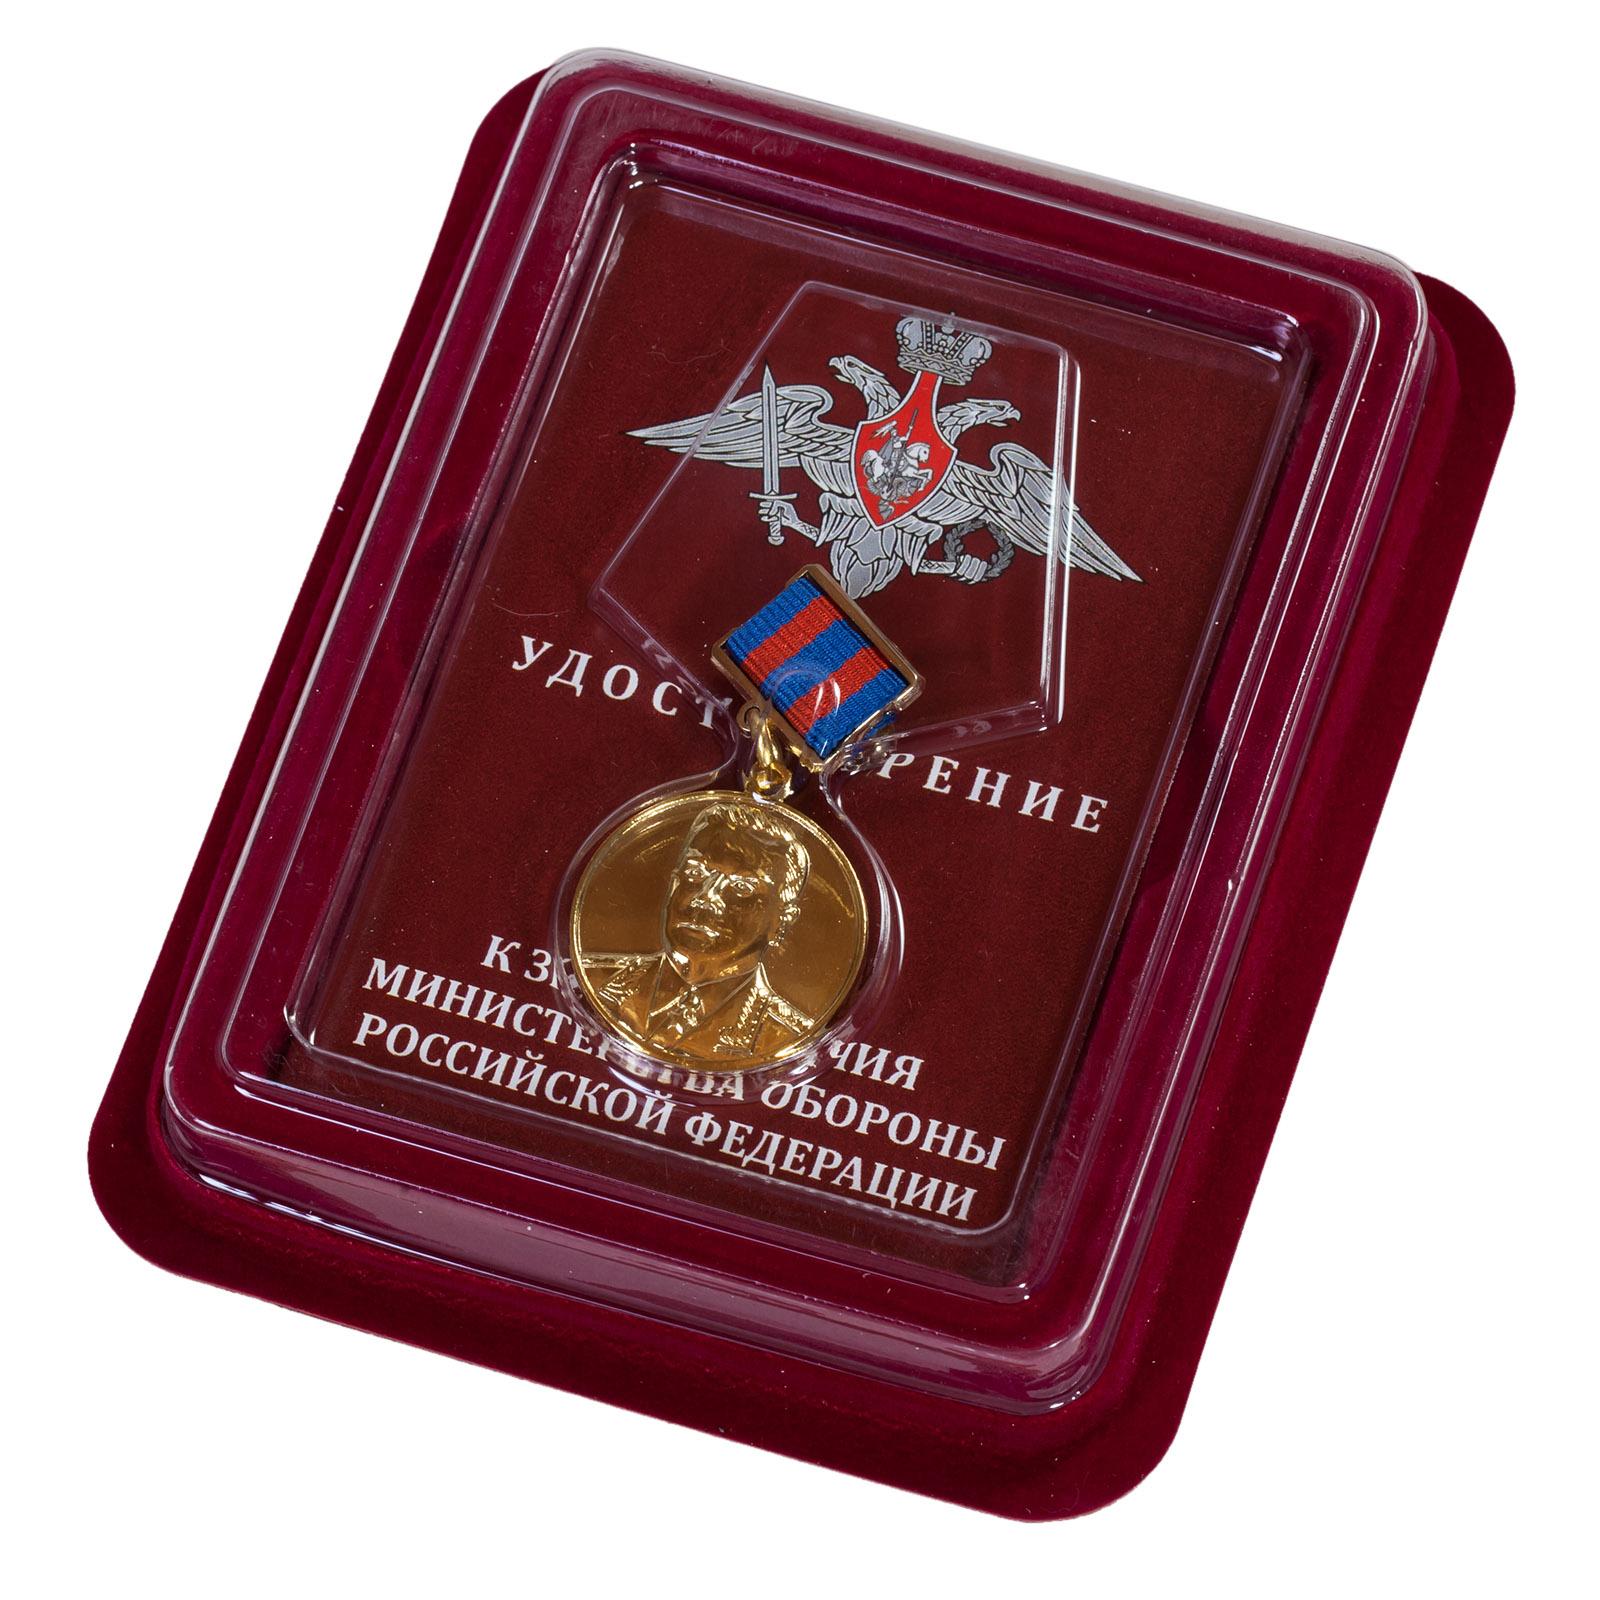 Знак отличия МО РФ Главный маршал артиллерии Неделин